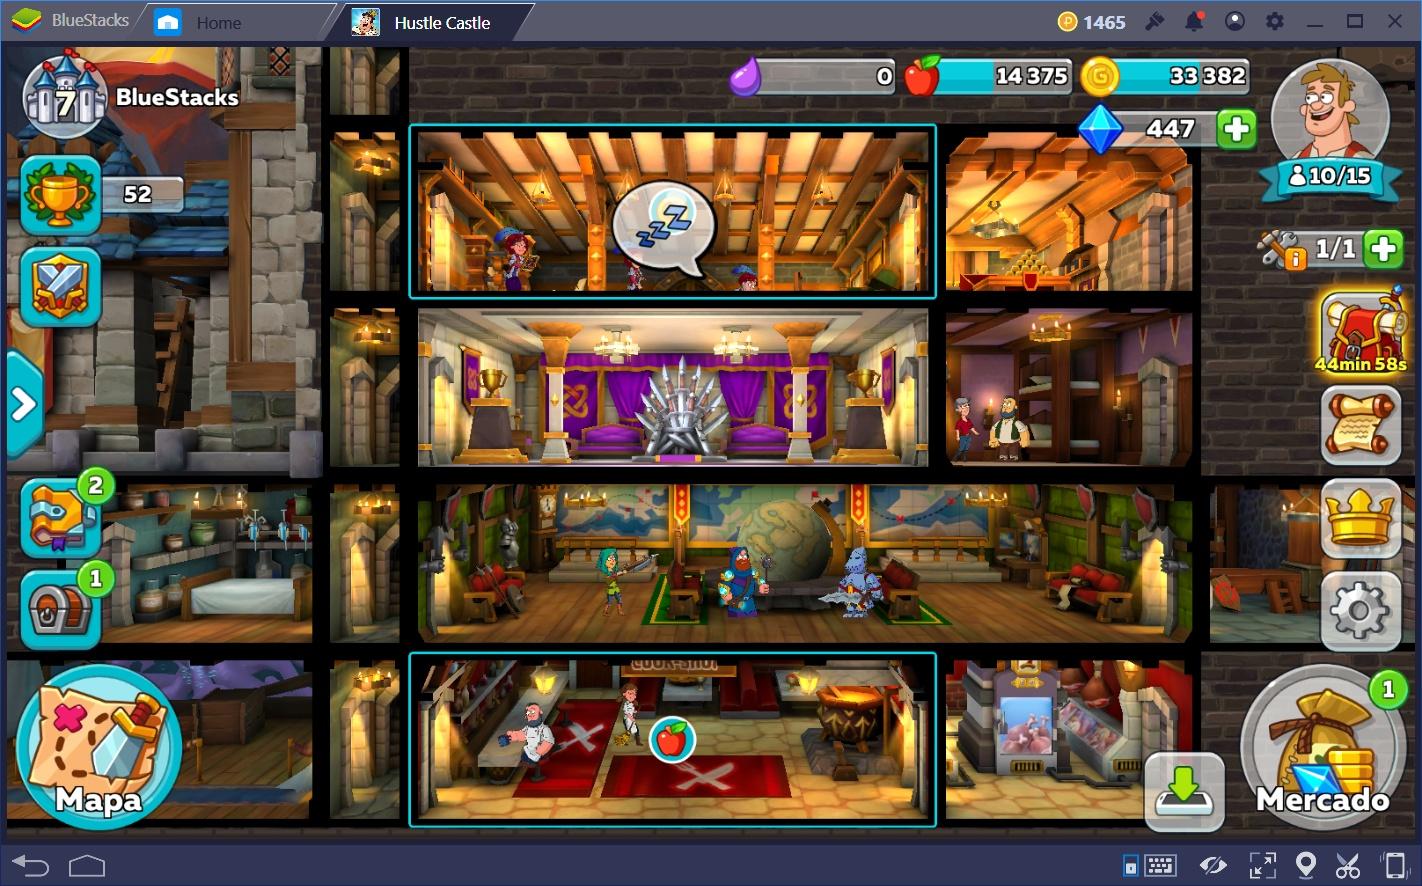 Tips y Consejos Para Hustle Castle: Castillo Mágico Parte 1